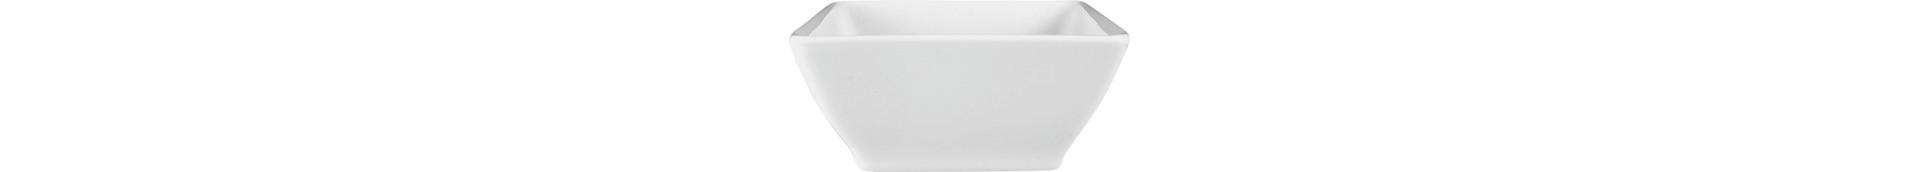 Buffet Gourmet, Bowl 110 x 110 mm / 0,26 l